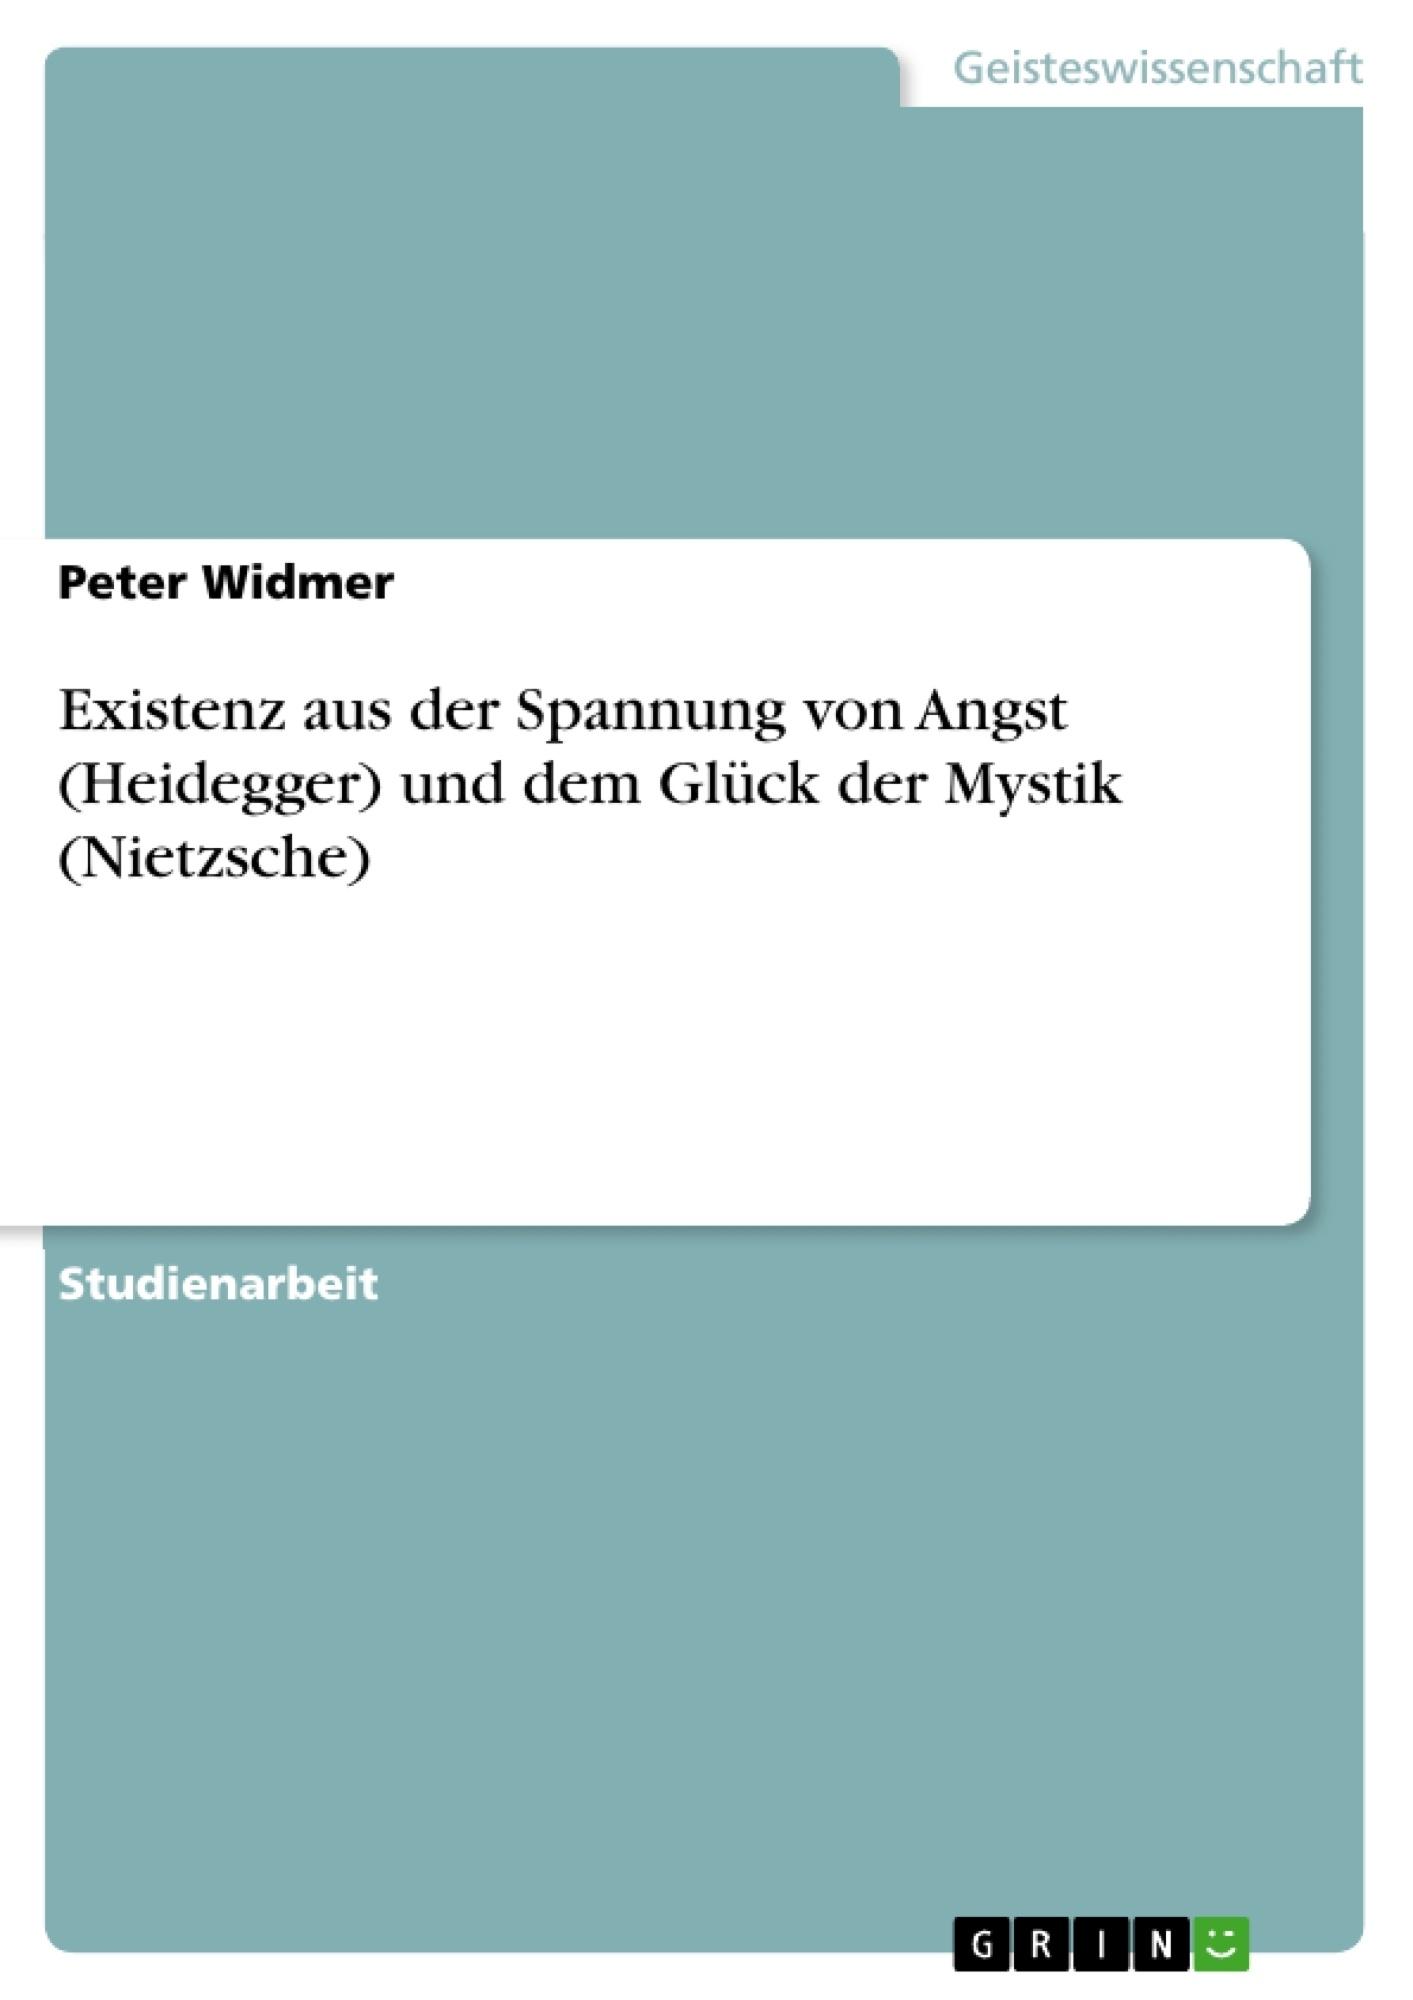 Titel: Existenz aus der Spannung von Angst (Heidegger) und dem Glück der Mystik (Nietzsche)